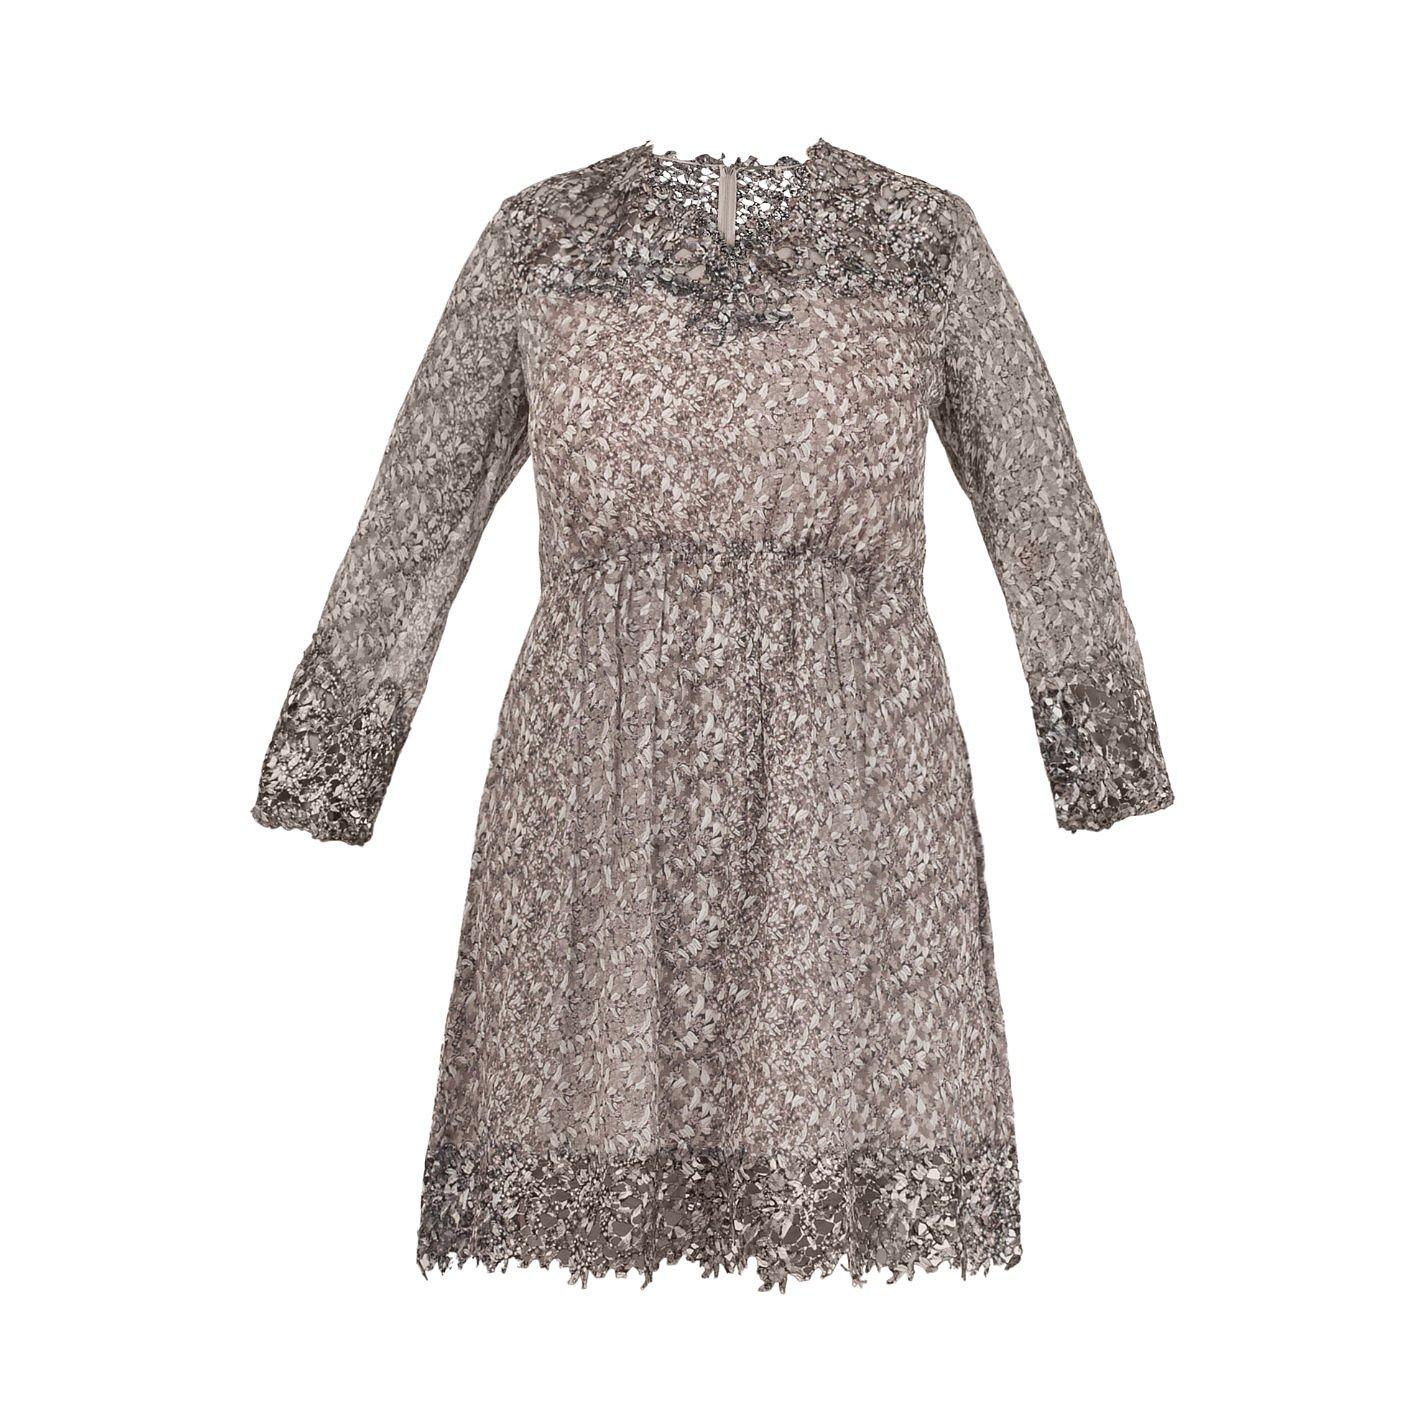 Elie Tahari Floral Print Long Sleeve Dress